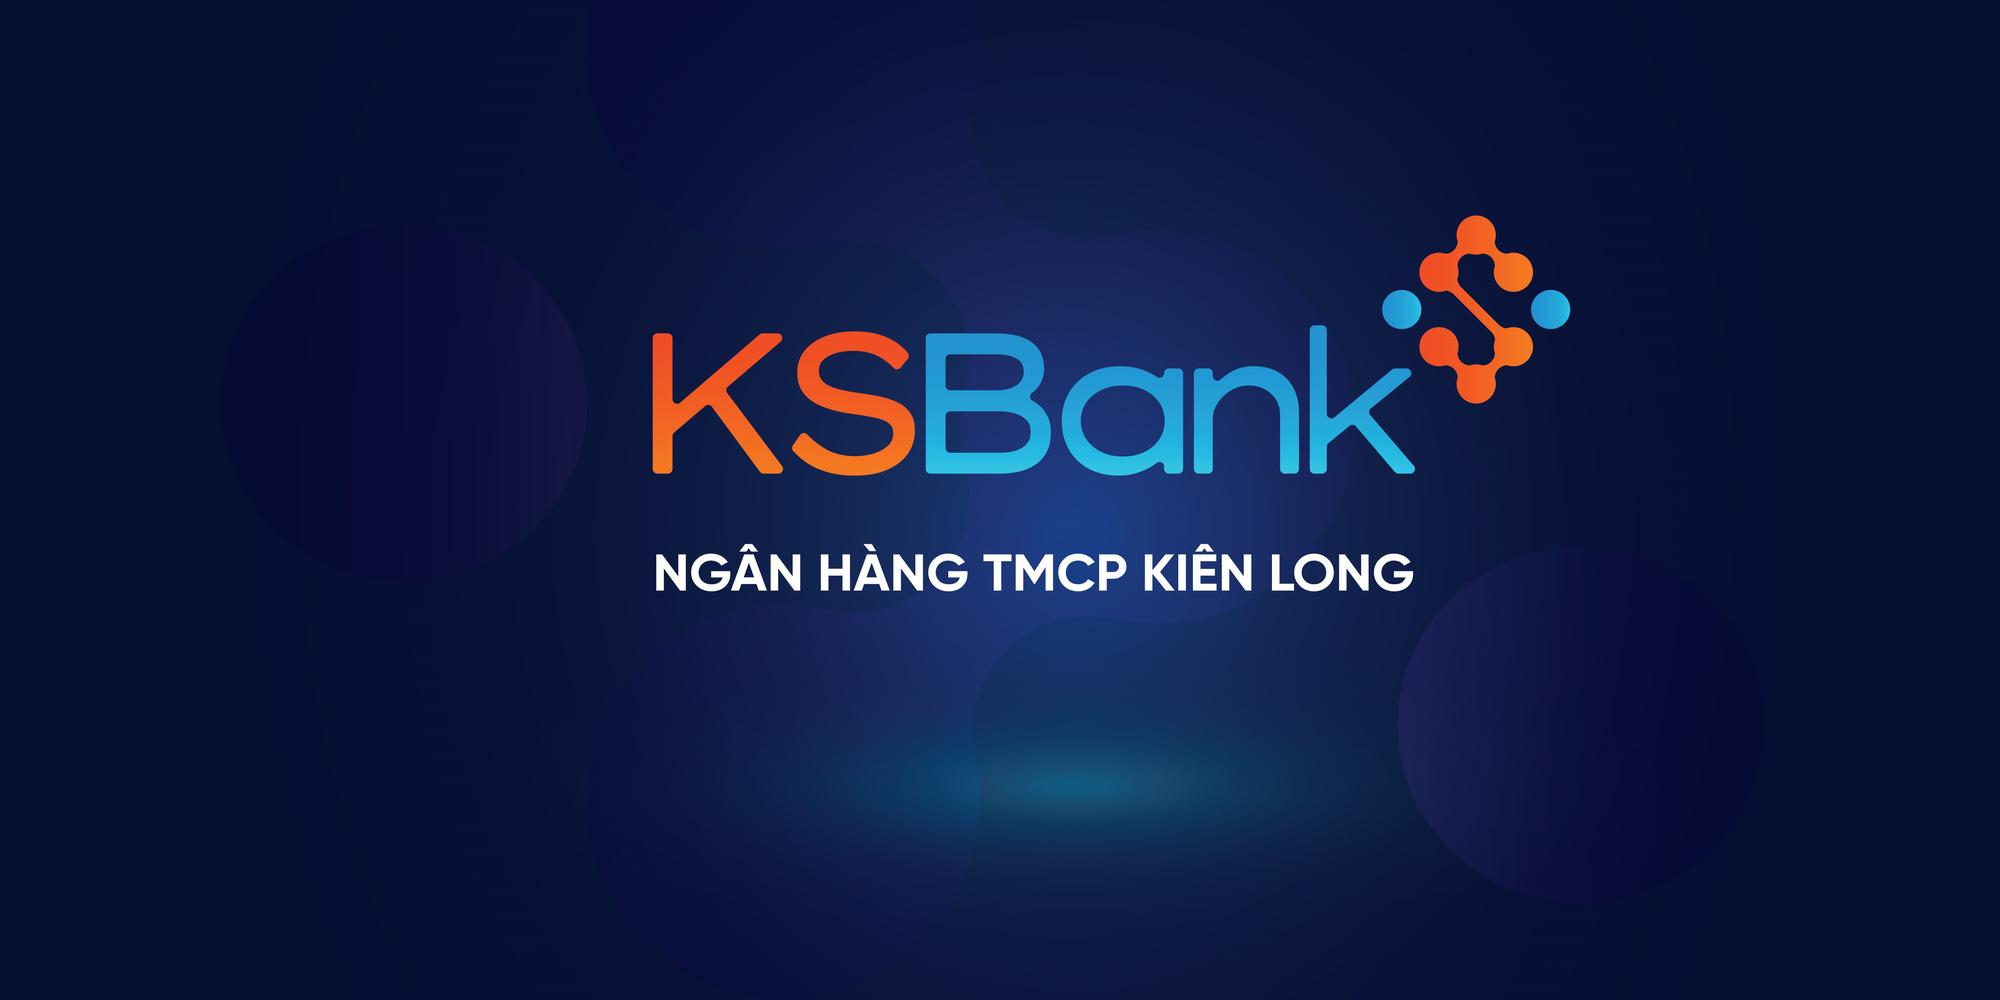 Chân dung nữ Chủ tịch trẻ tuổi nhất giới ngân hàng Trần Thị Thu Hằng - Ảnh 3.